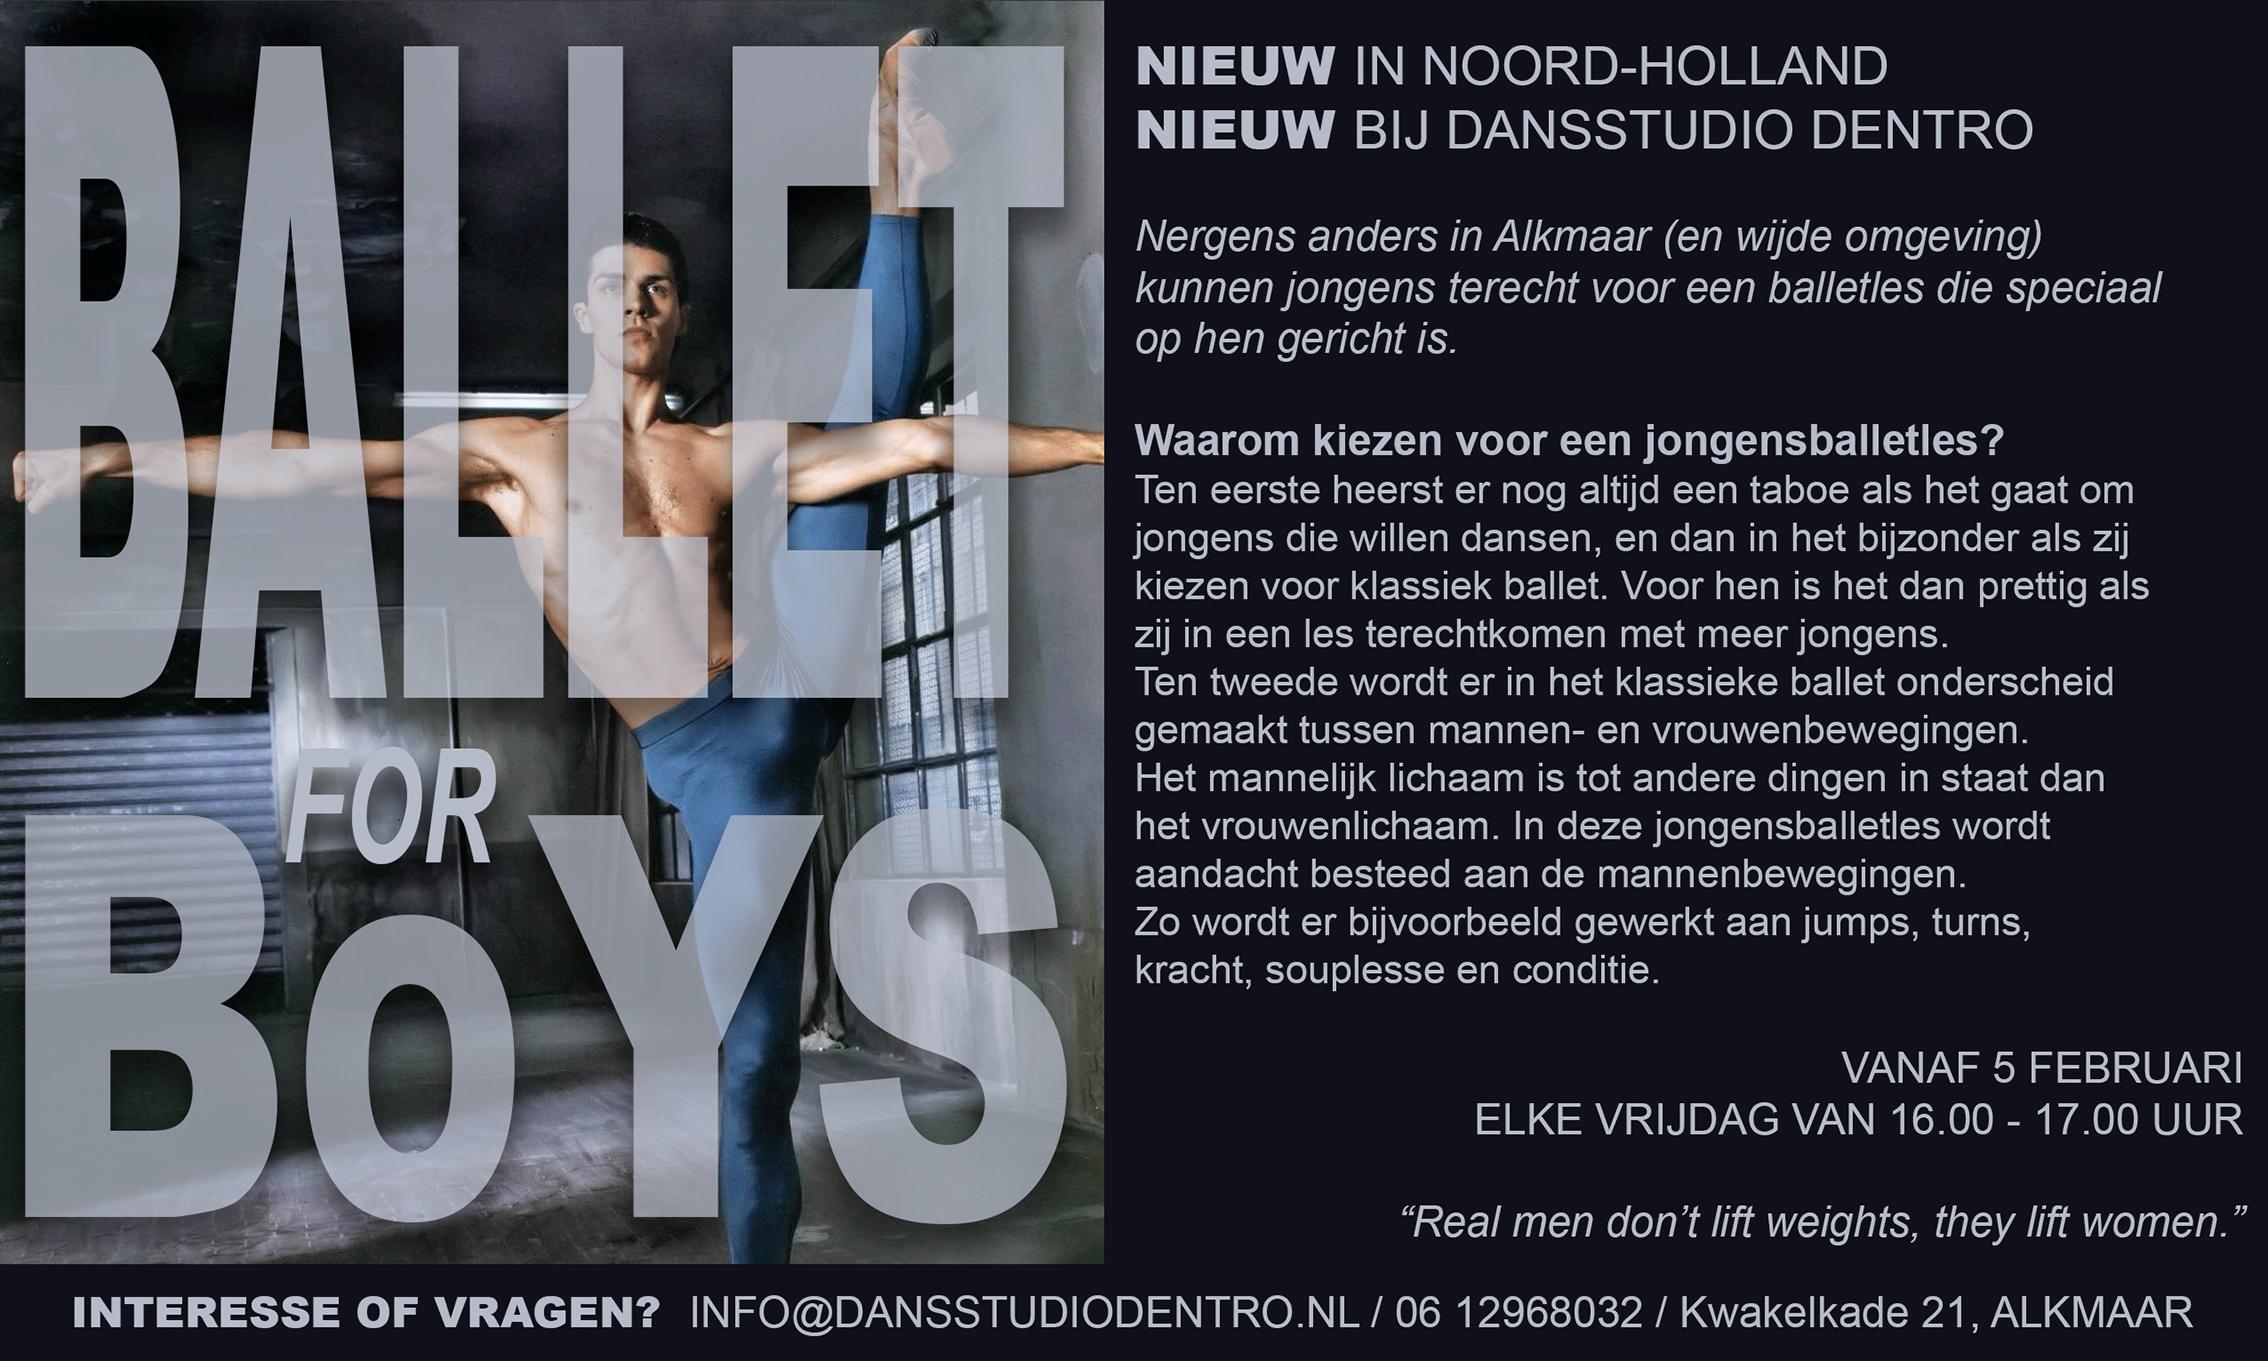 Ballet for Boys